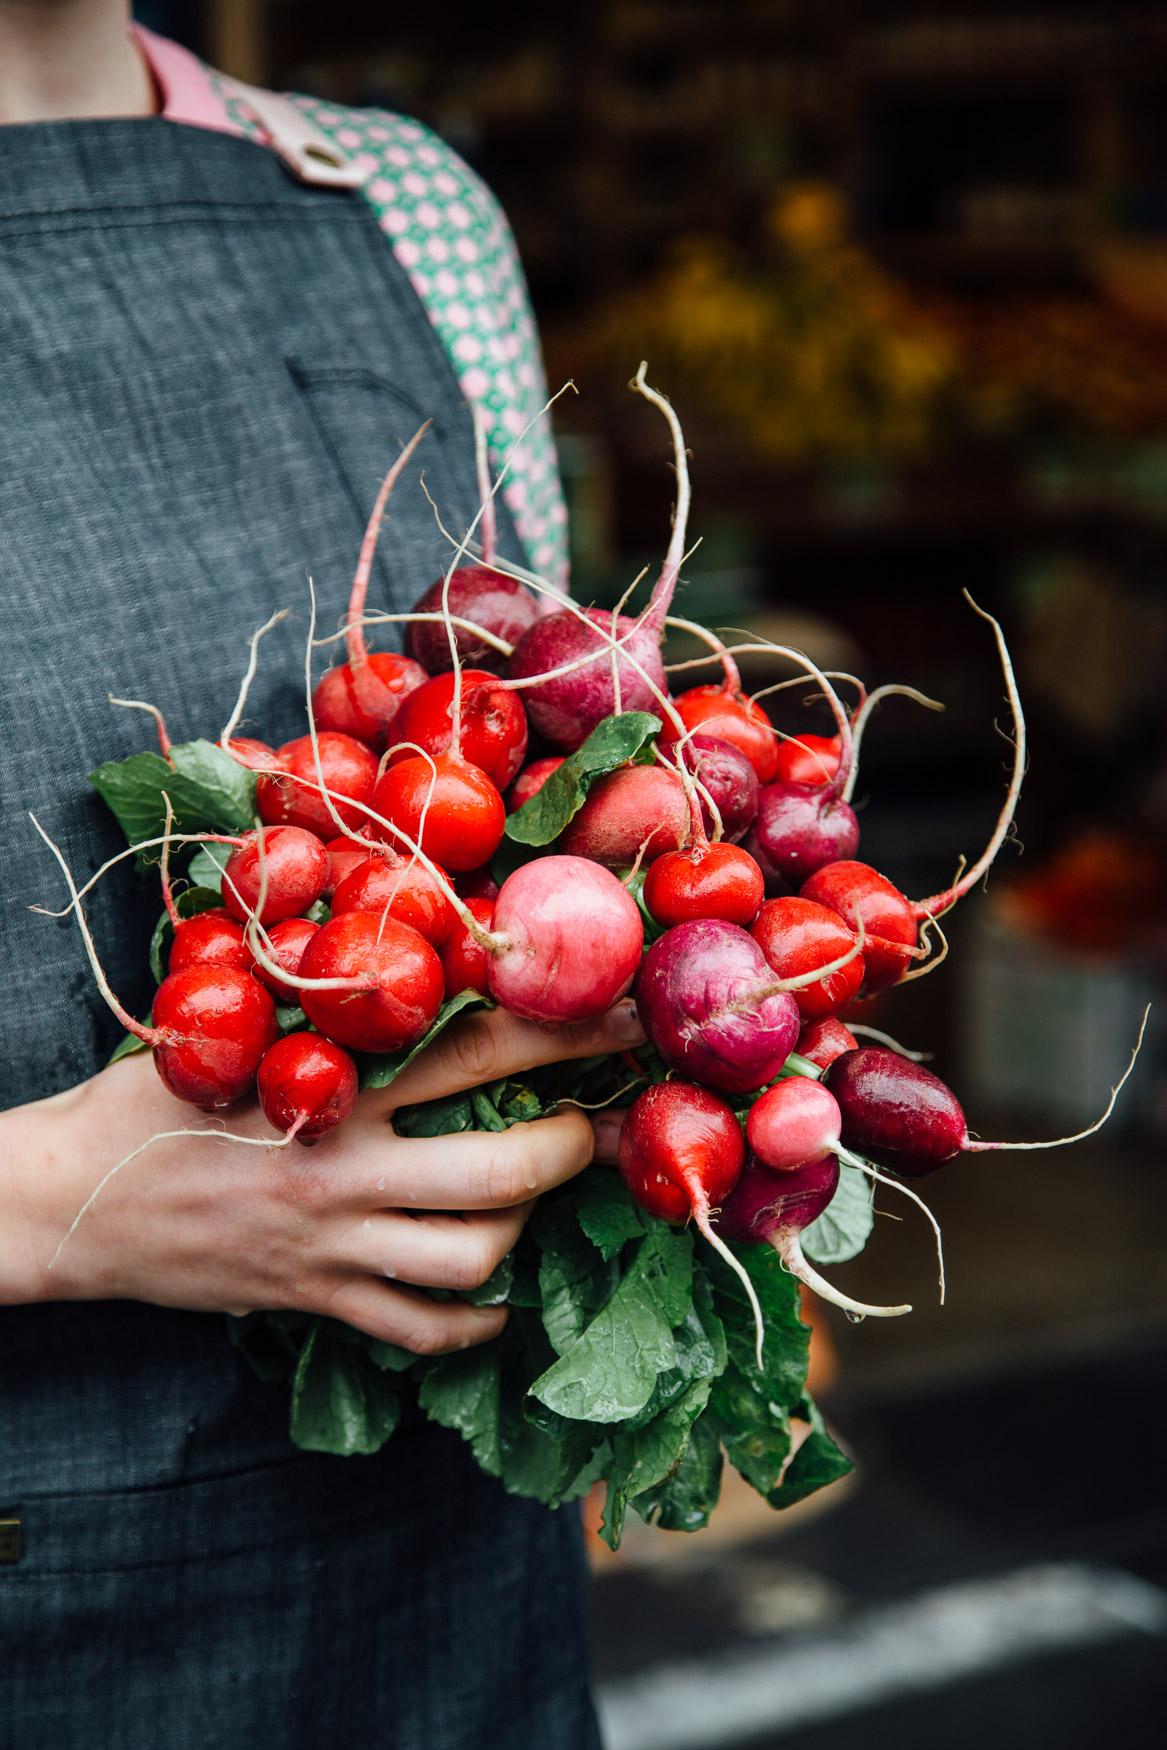 emma byrnes photographer melbourne rhubarb rhubarb